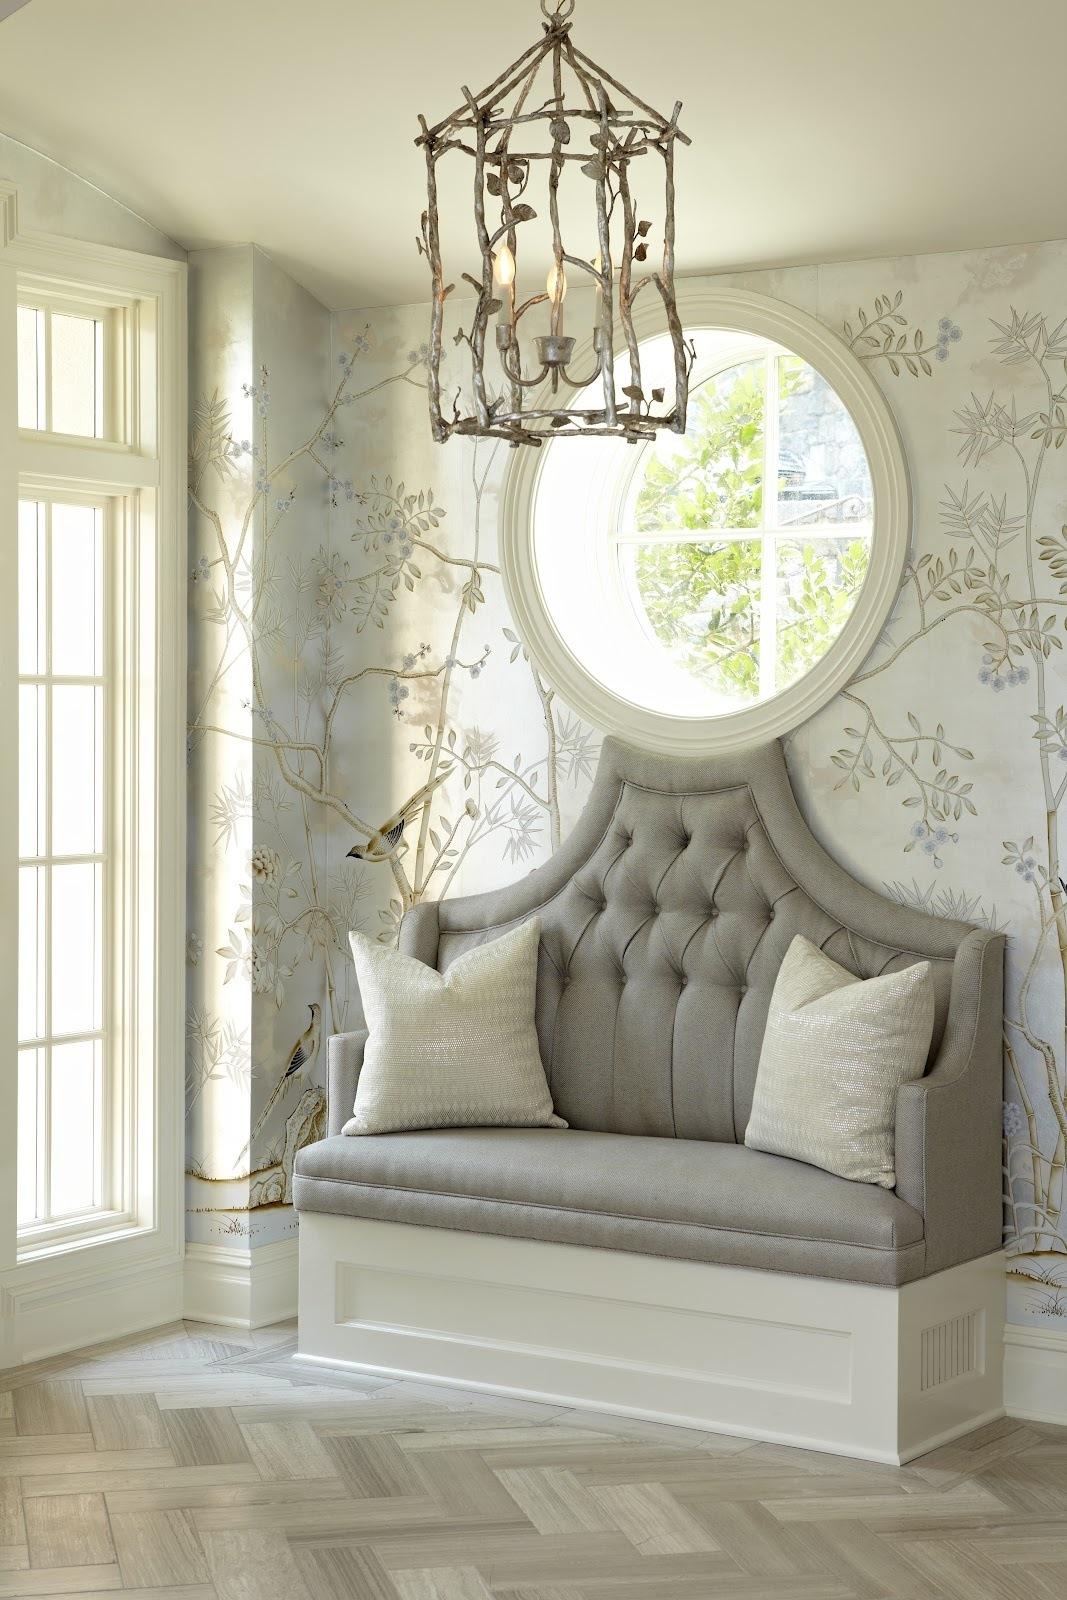 Серый диван в прихожую в стиле модерн